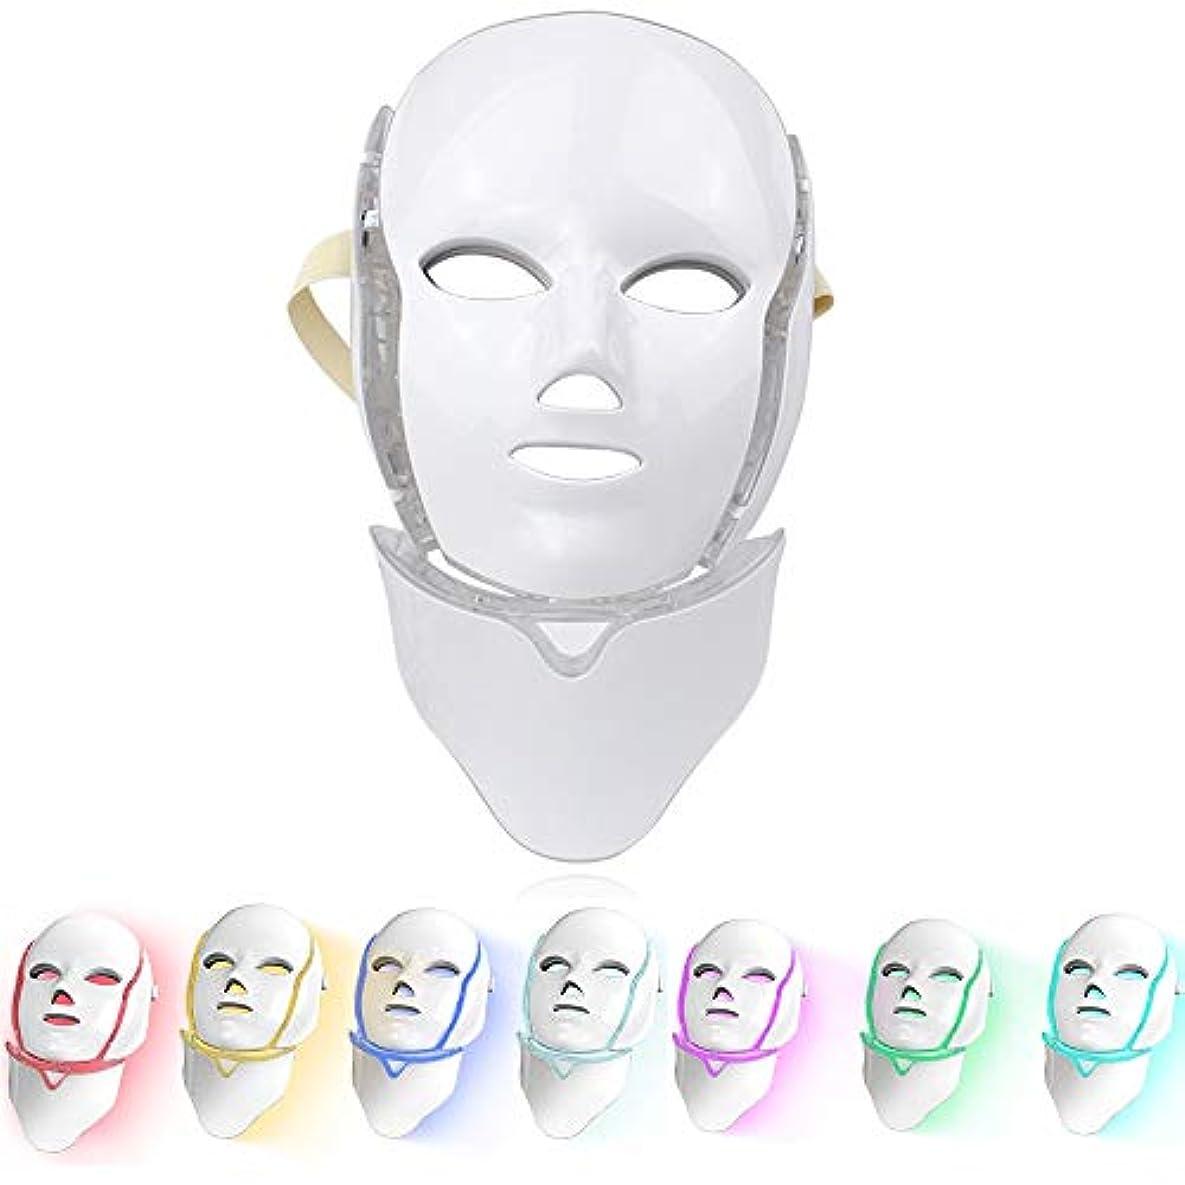 フィールドエンジニア入力7色LED顔面美容スキンケアの若返りシワ除去女性のためのアンチエイジング電気デバイス